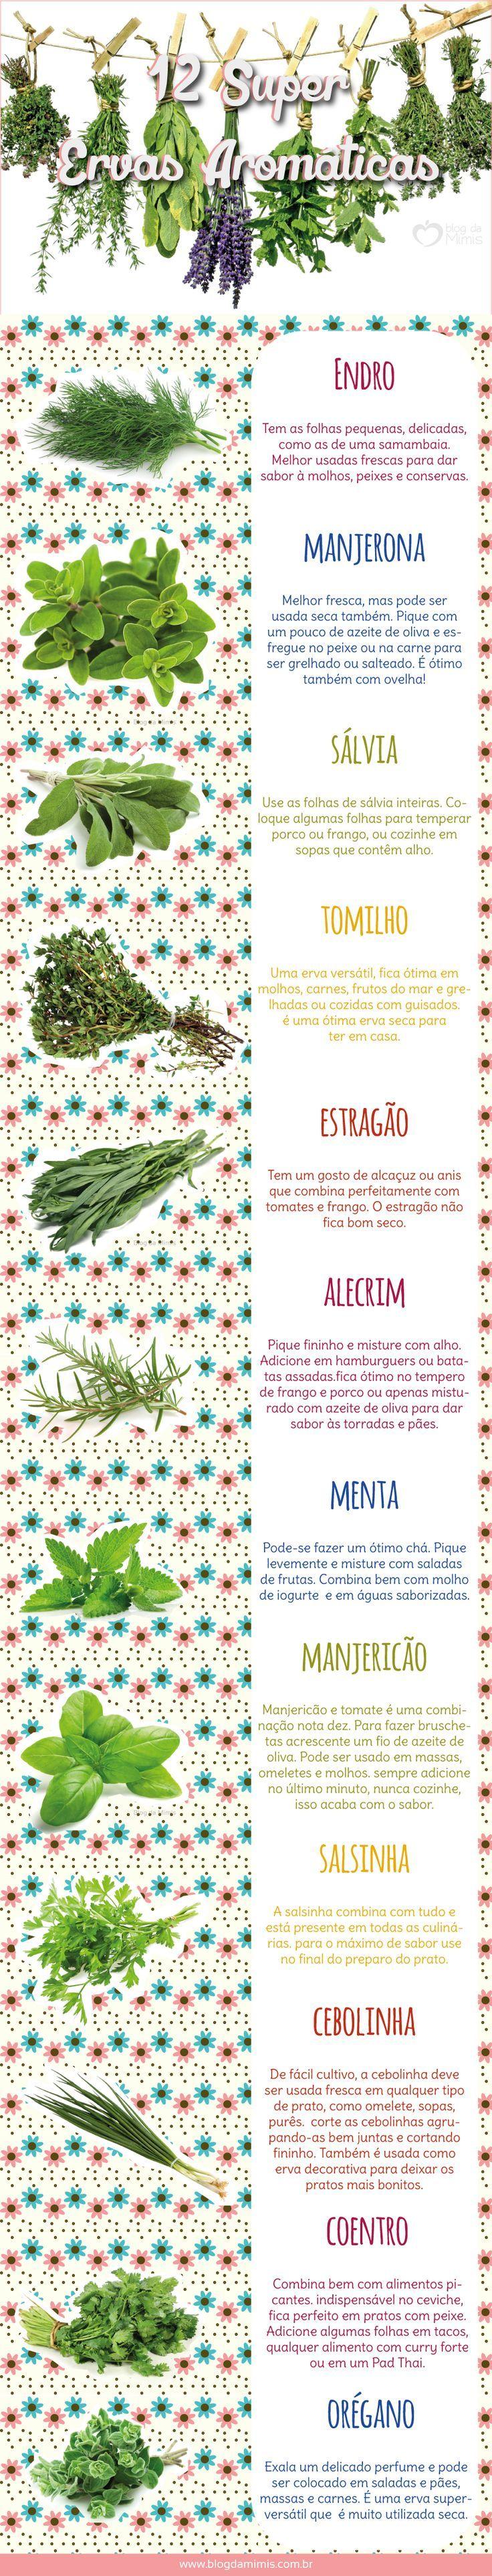 12 Süper Aromatik Bitkiler - Blog Mimis - iyi yemek sırrı baharat olduğunu!  Ne zevk!